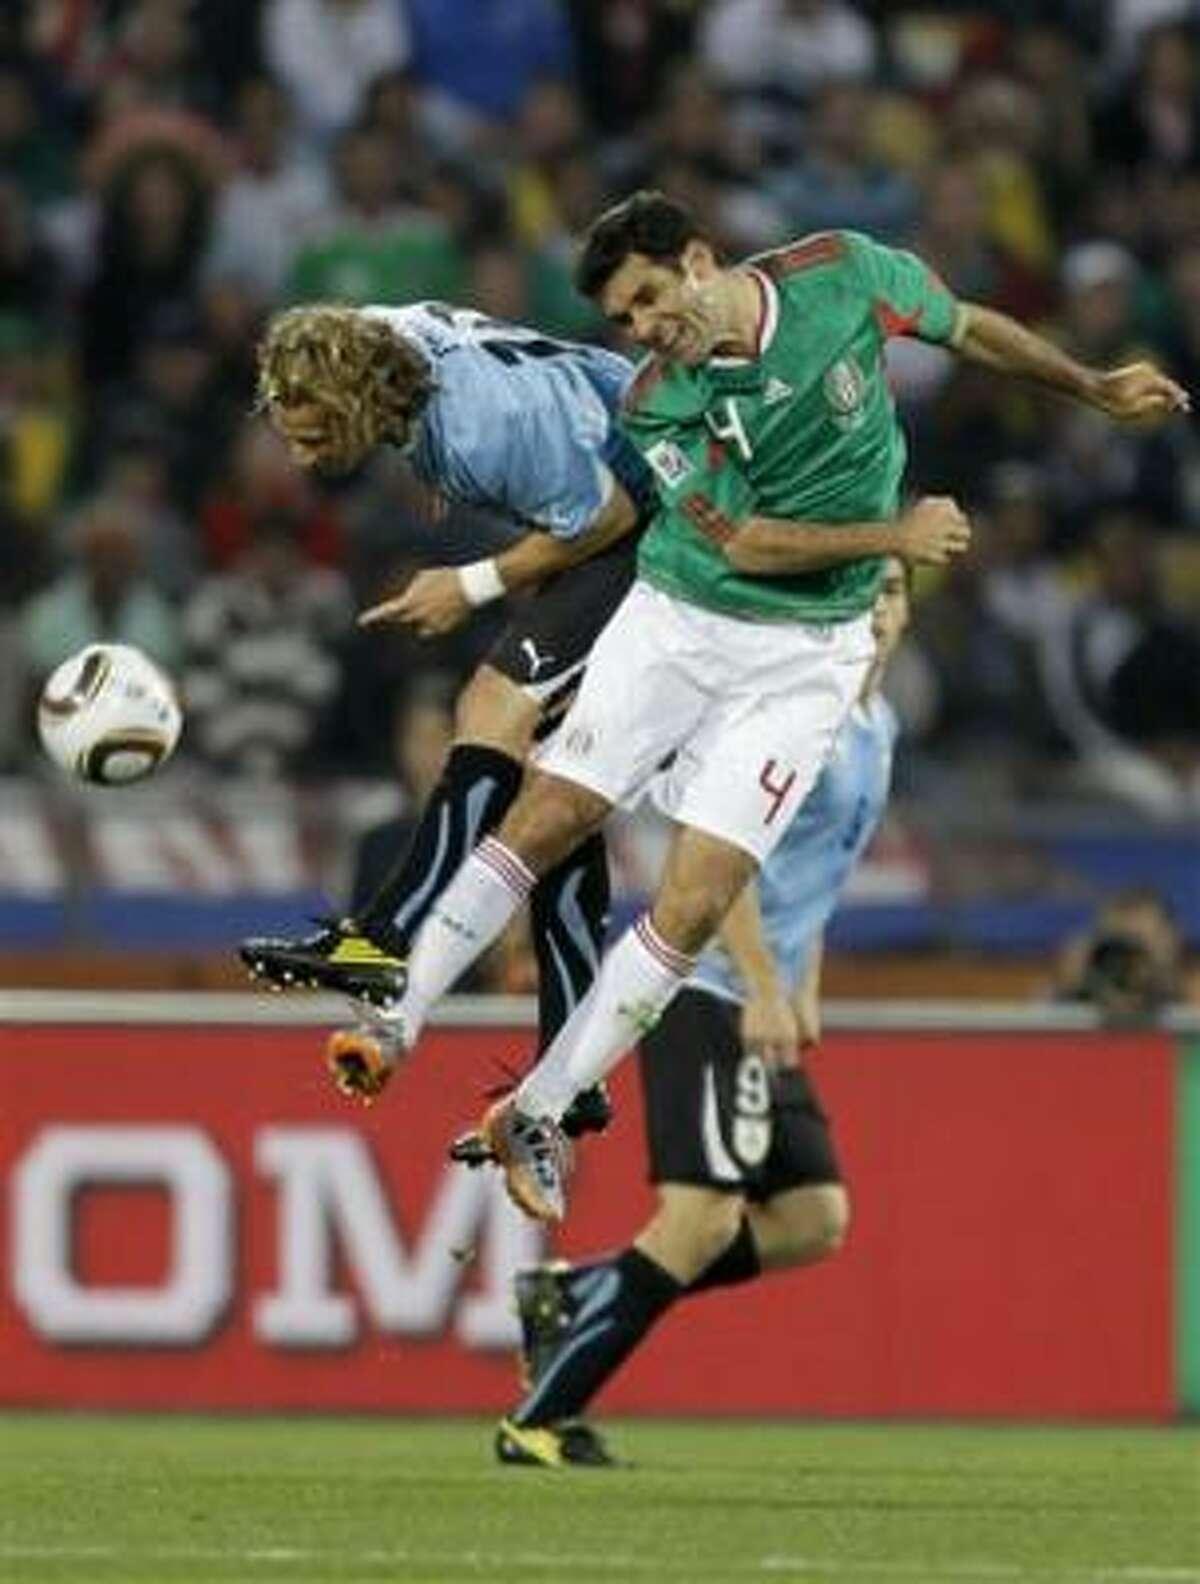 El defensor mexicano Rafael Márquez, a la derecha, y el delantero uruguayo Diego Forlán se disputan un balón en el partido por el Grupo A del Mundial, el martes 22 de junio de 2010.